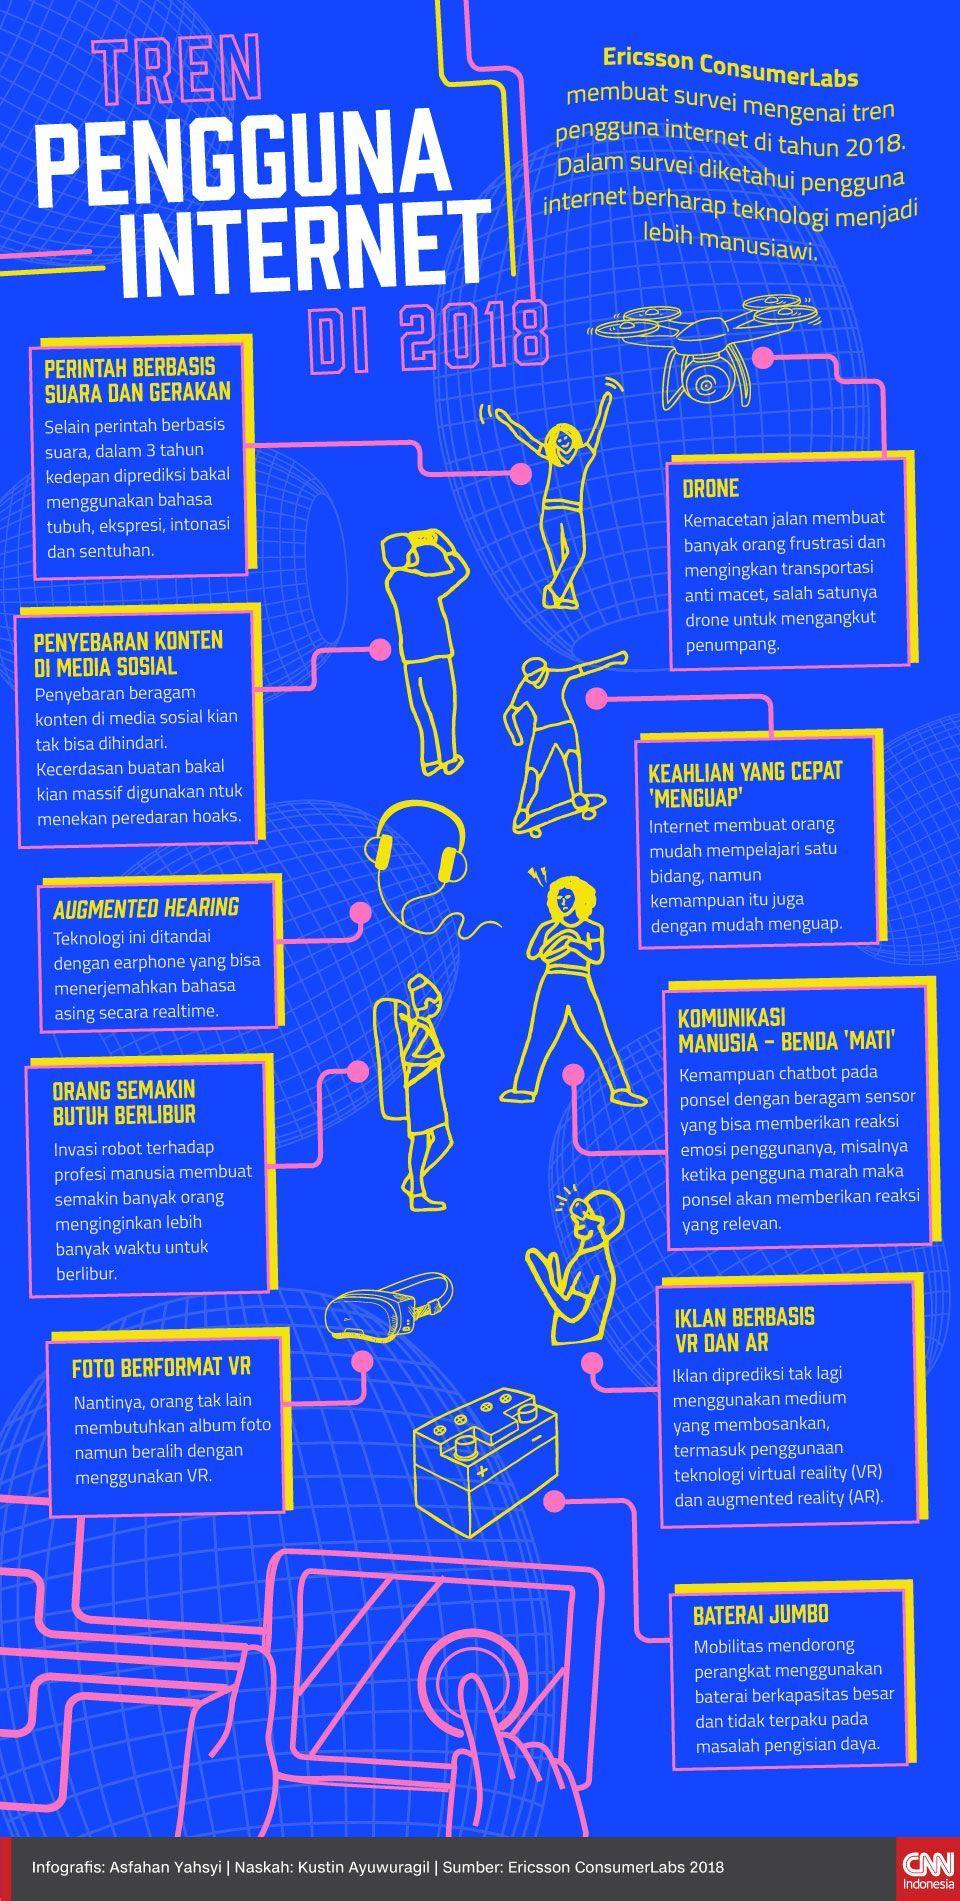 Infografis Tren Pengguna Internet di 2018